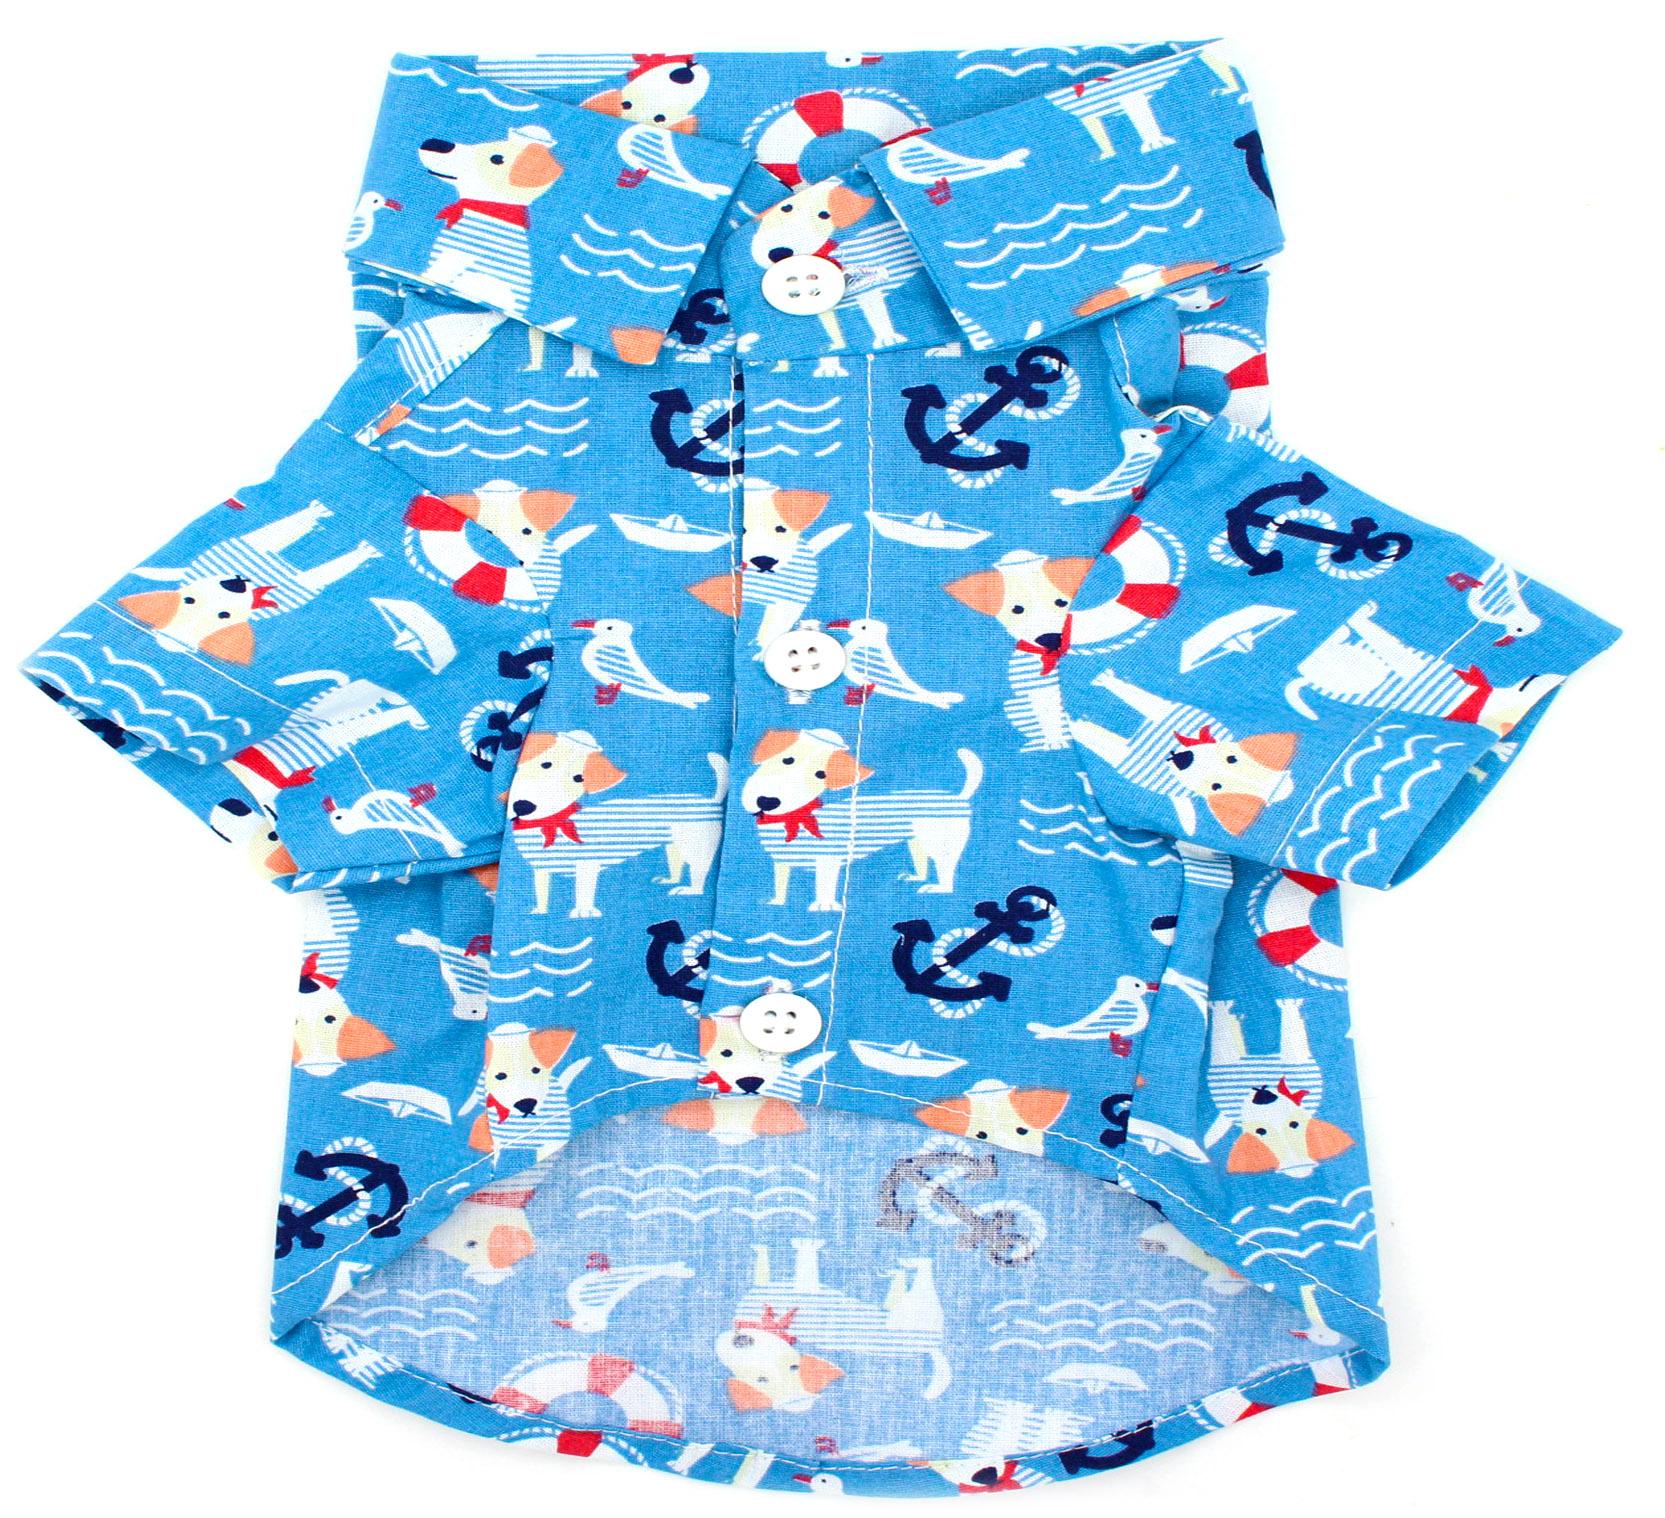 Camisa para Cachorro - Tecido Azul Marinheiro - Estilo Pet - Pet Elegante 260e10fa82a67